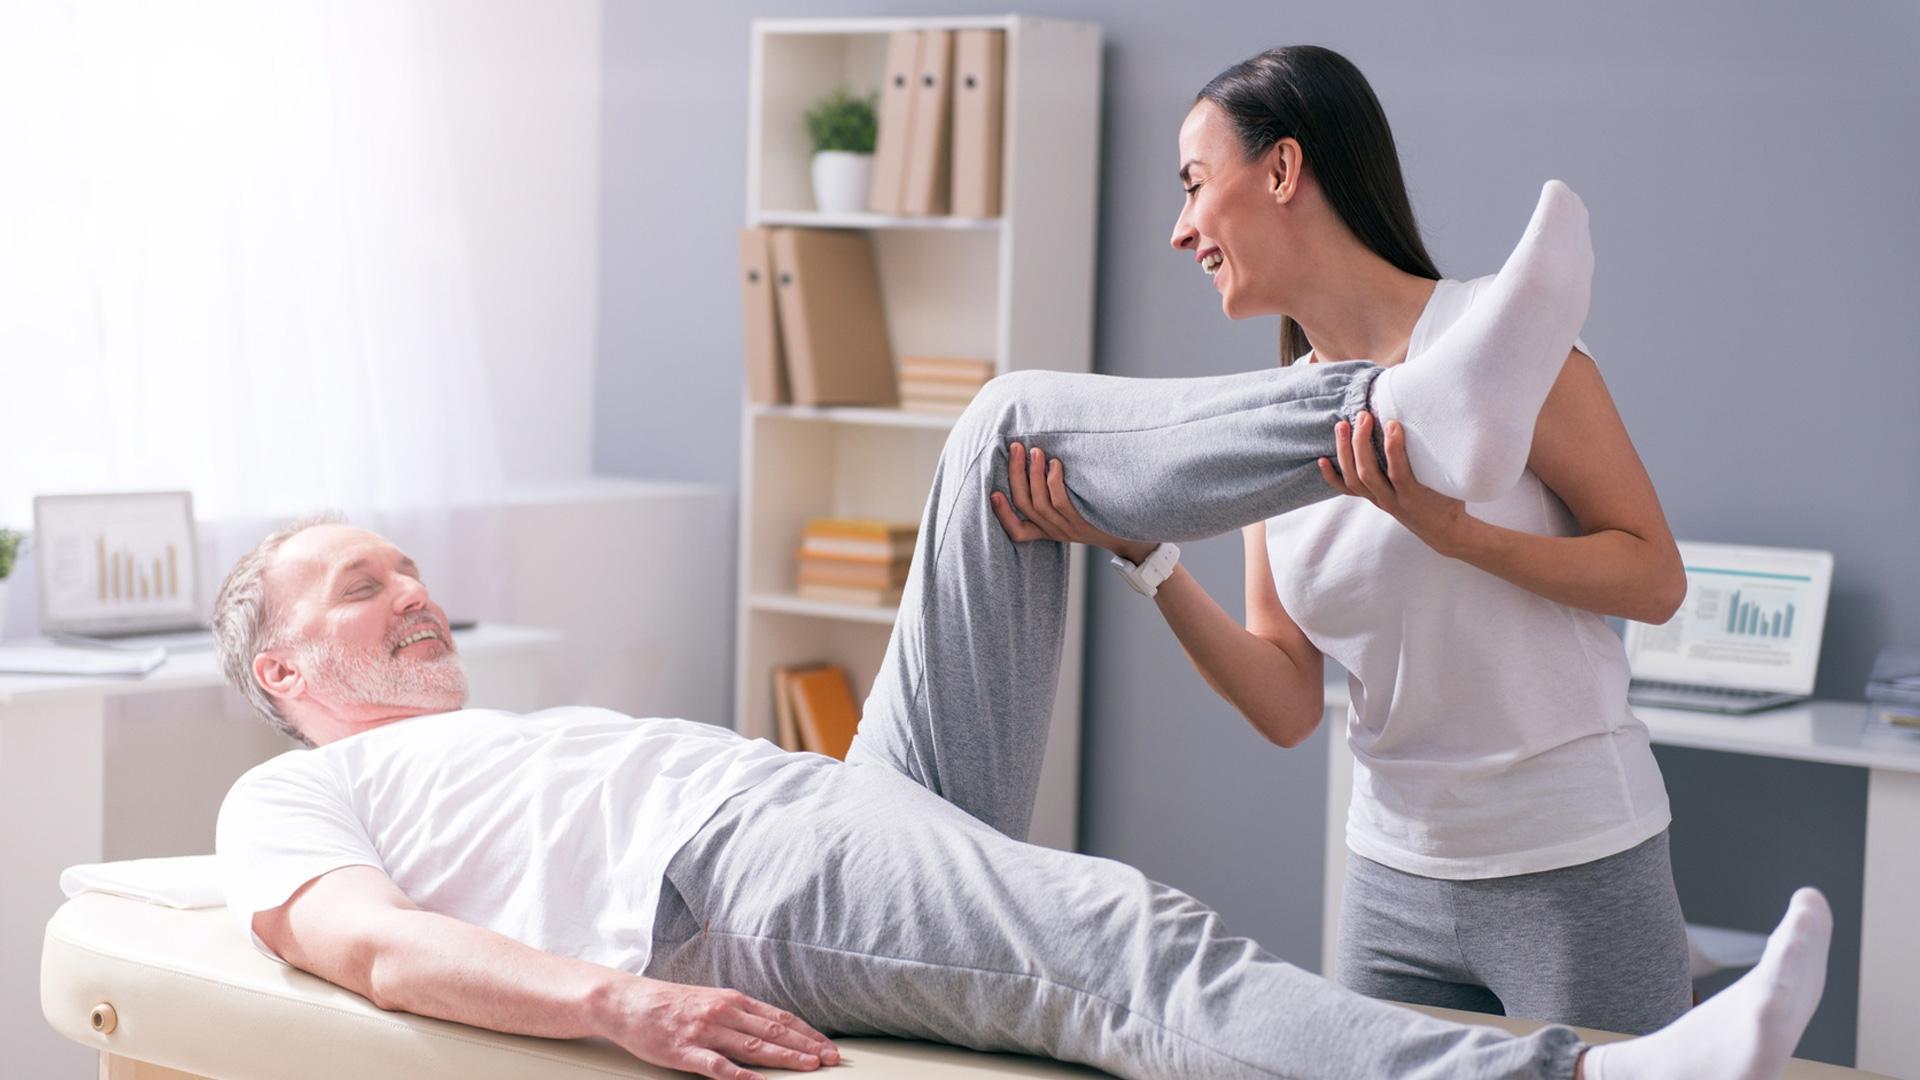 Fyzioterapie není jen rehabilitace. Pomoci nám může mnohem víc